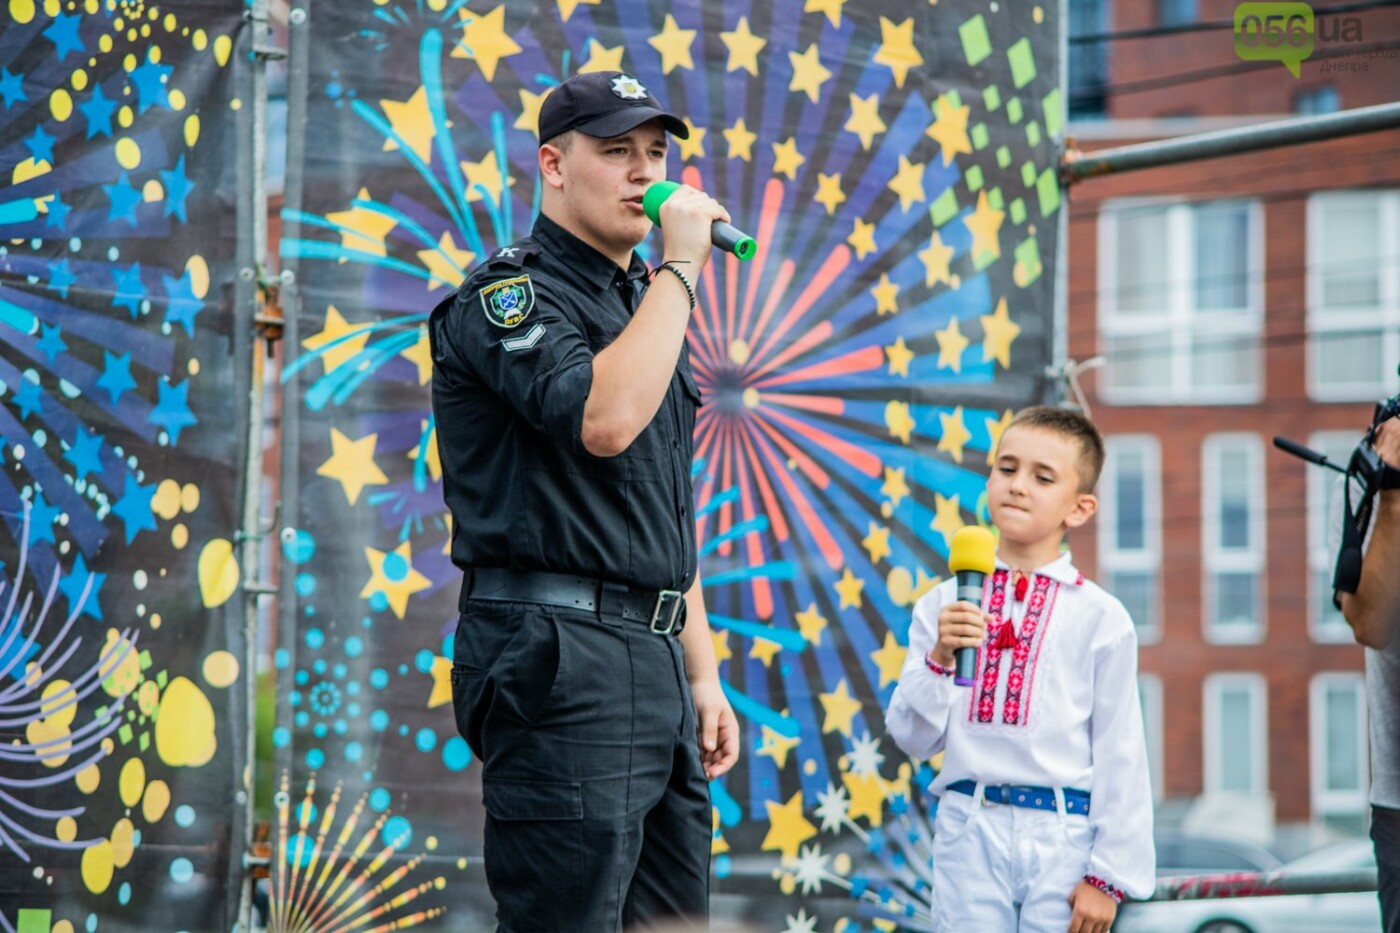 В Днепре устроили красочный флешмоб ко Дню Конституции, - ФОТОРЕПОРТАЖ, фото-5